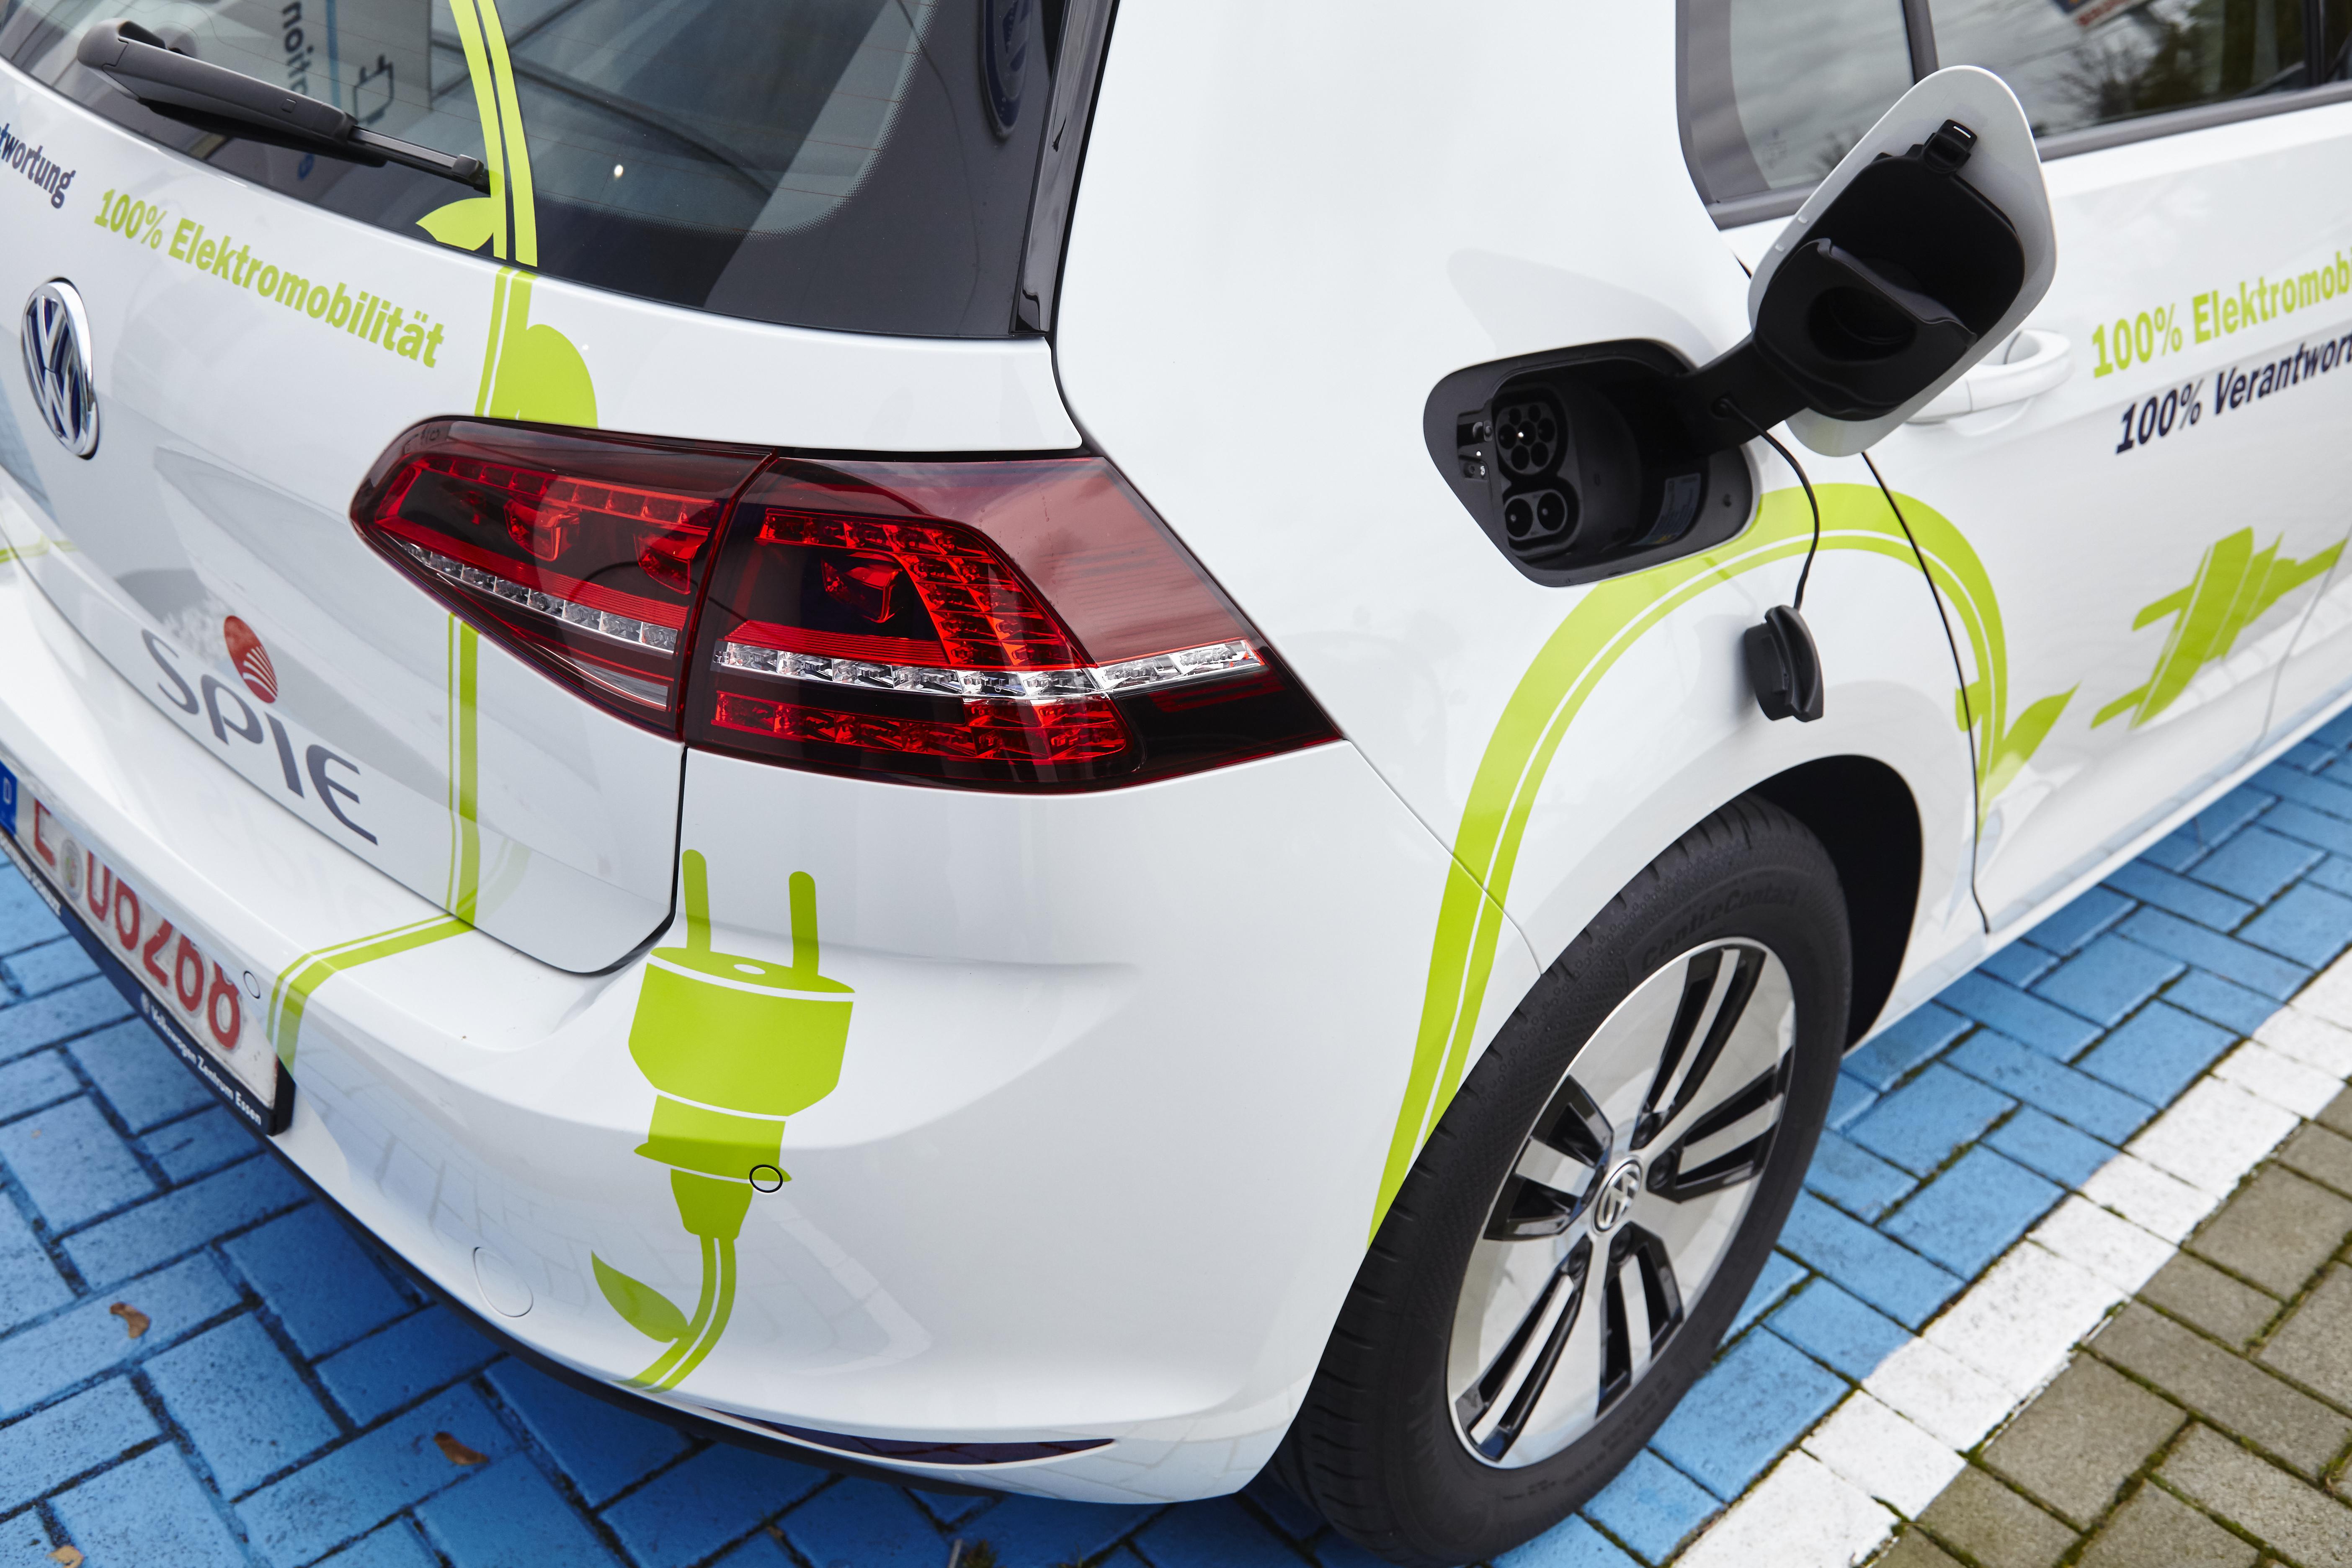 Elektromobilität - Bildnachweis: SPIE